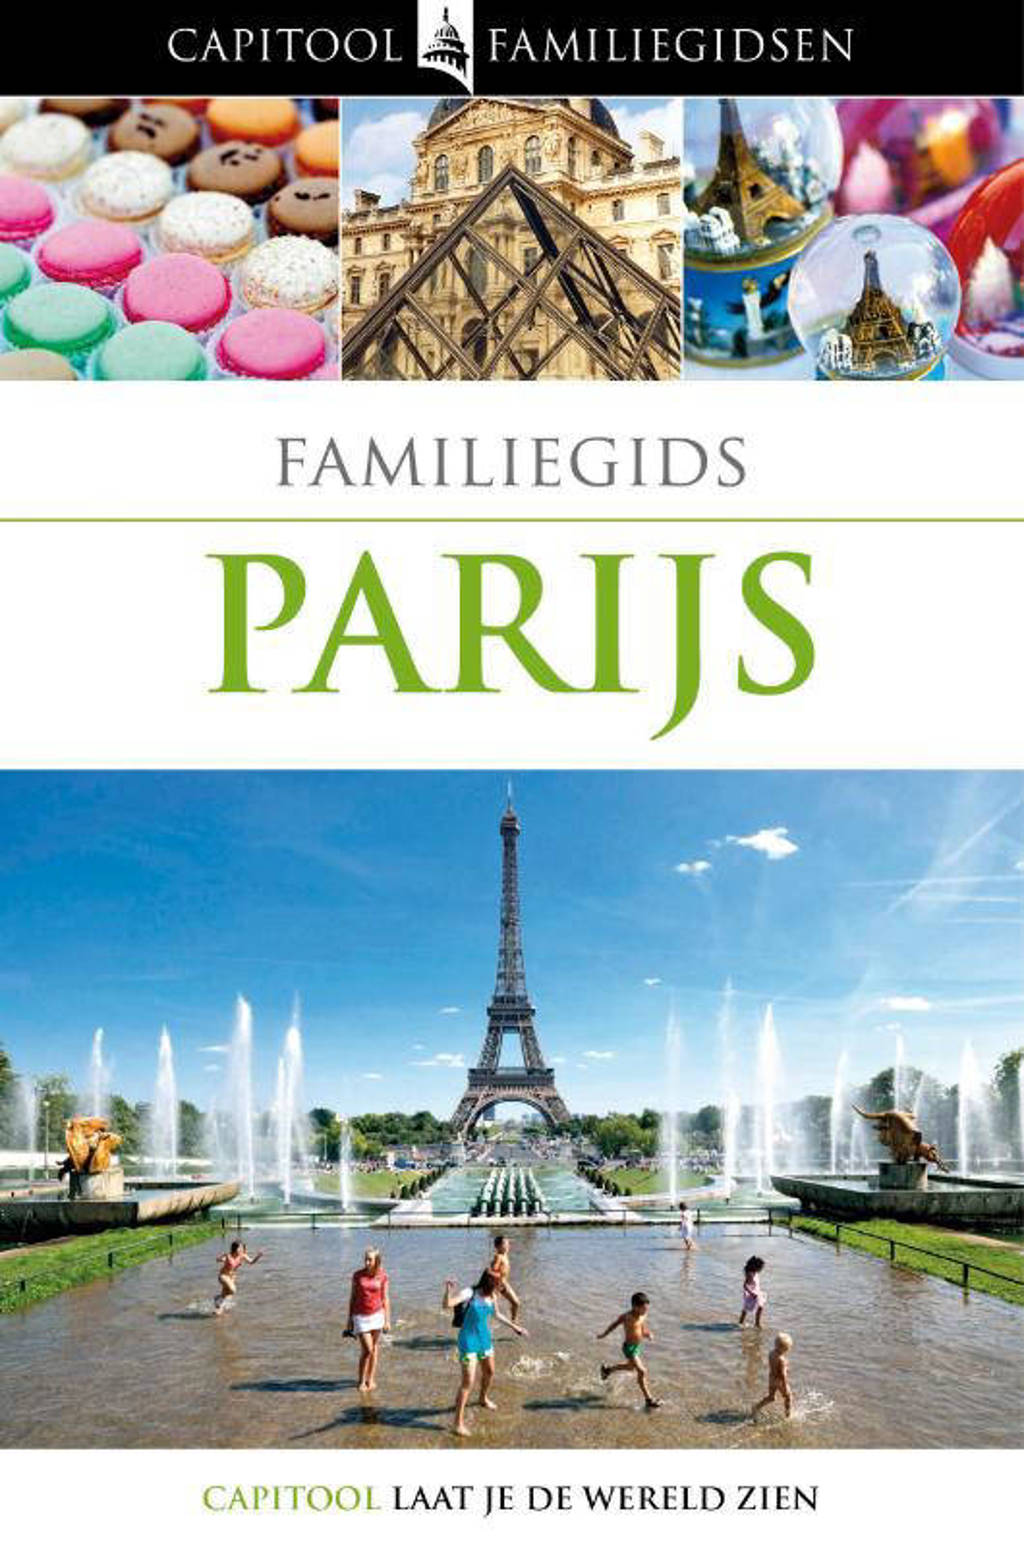 Capitool familiegidsen: Parijs - Rose Whitehouse